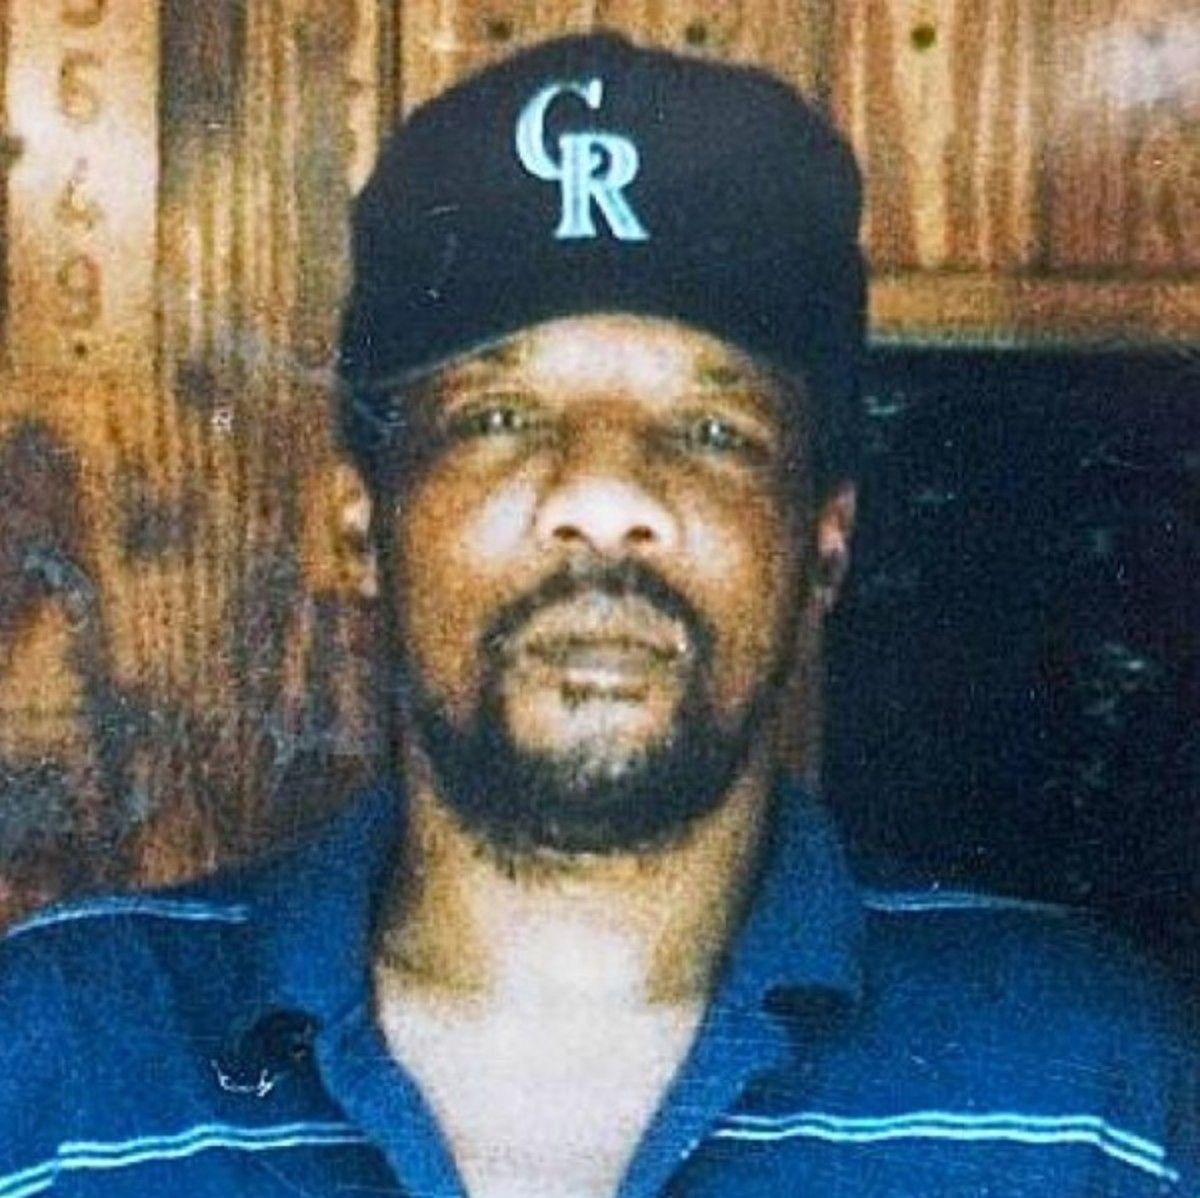 Zbili ho, svlékli a vláčeli za autem, dokud nebyl mrtvý a bez hlavy. 5 nejhorších útoků vůči černochům v USA z poslední doby